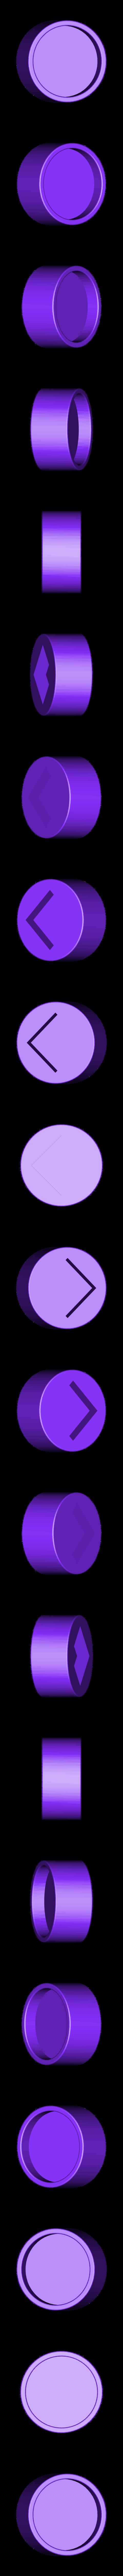 LwrCap.STL Télécharger fichier STL gratuit La baguette de Marco • Plan pour imprimante 3D, Vexelius